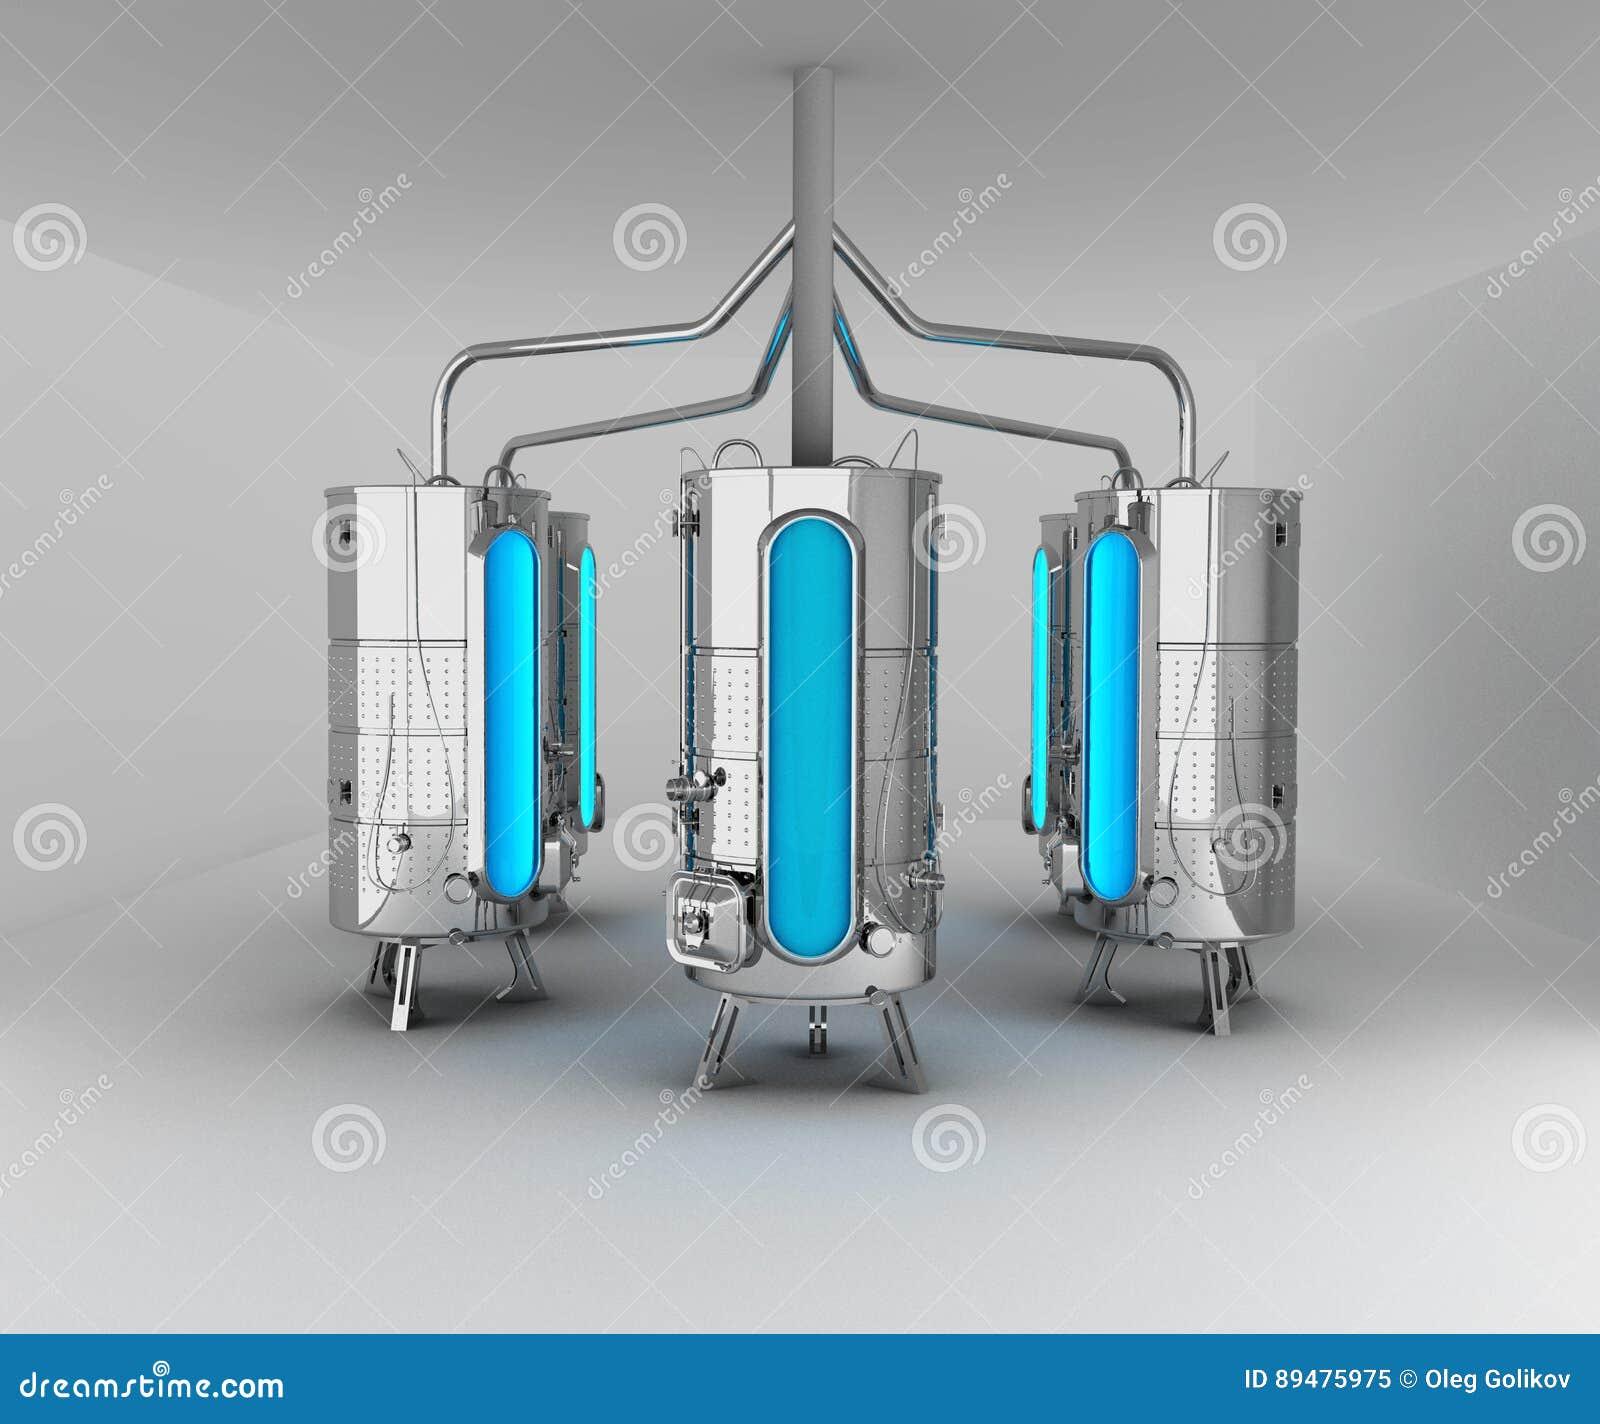 Metaalvat voor industriële doeleinden Capaciteit voor productie en opslag 3d illustratie